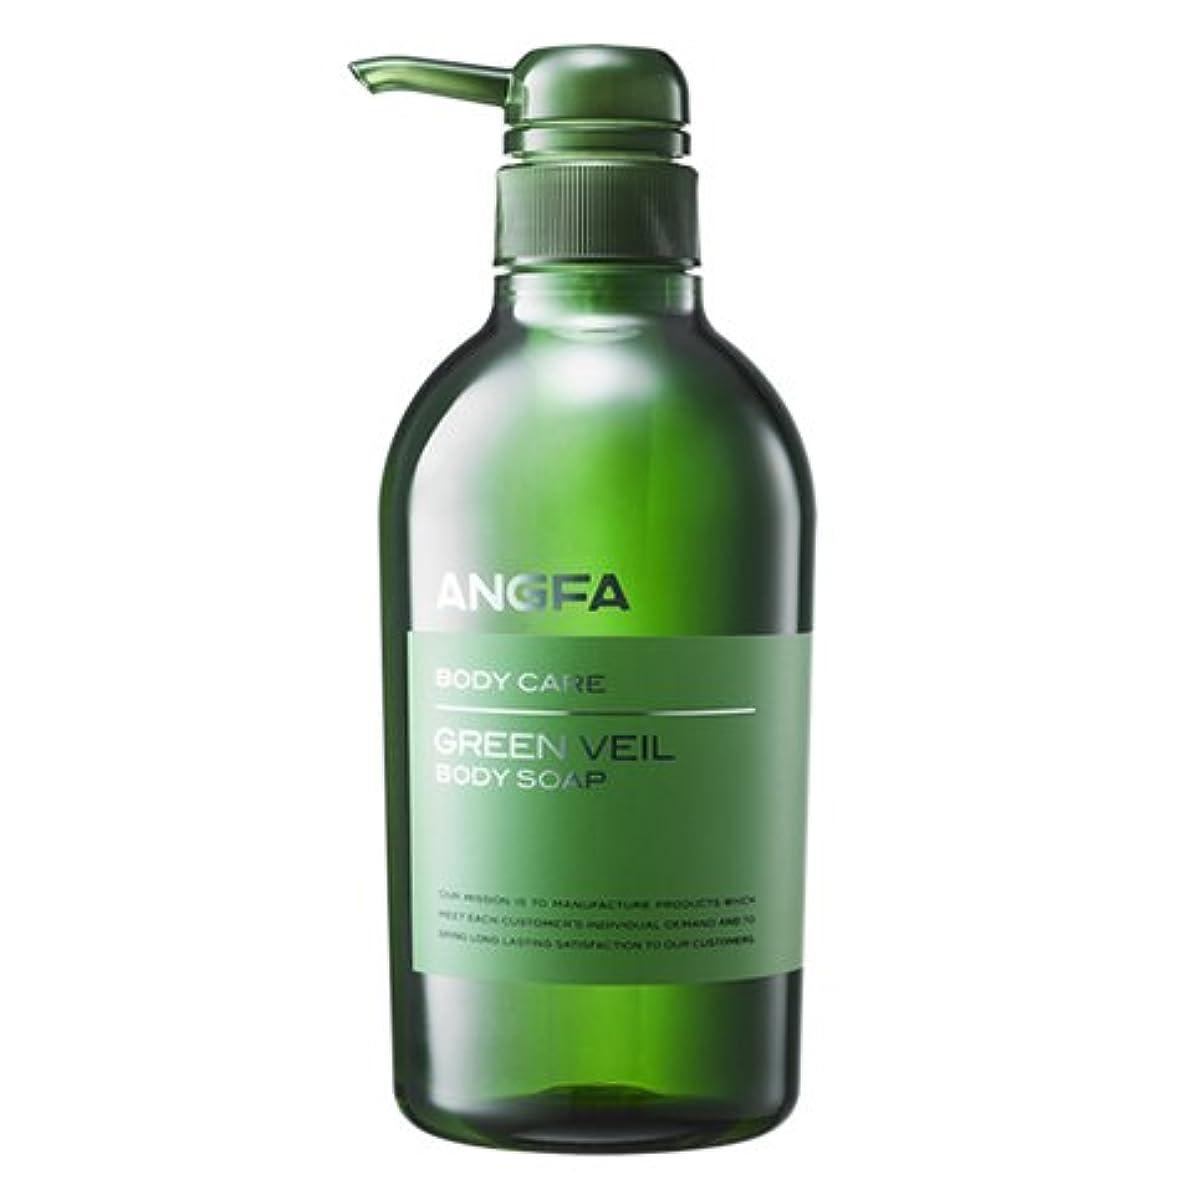 管理します売り手影アンファー (ANGFA) グリーンベール 薬用ボディソープ 500ml グリーンフローラル [乾燥?保湿] かゆみ肌